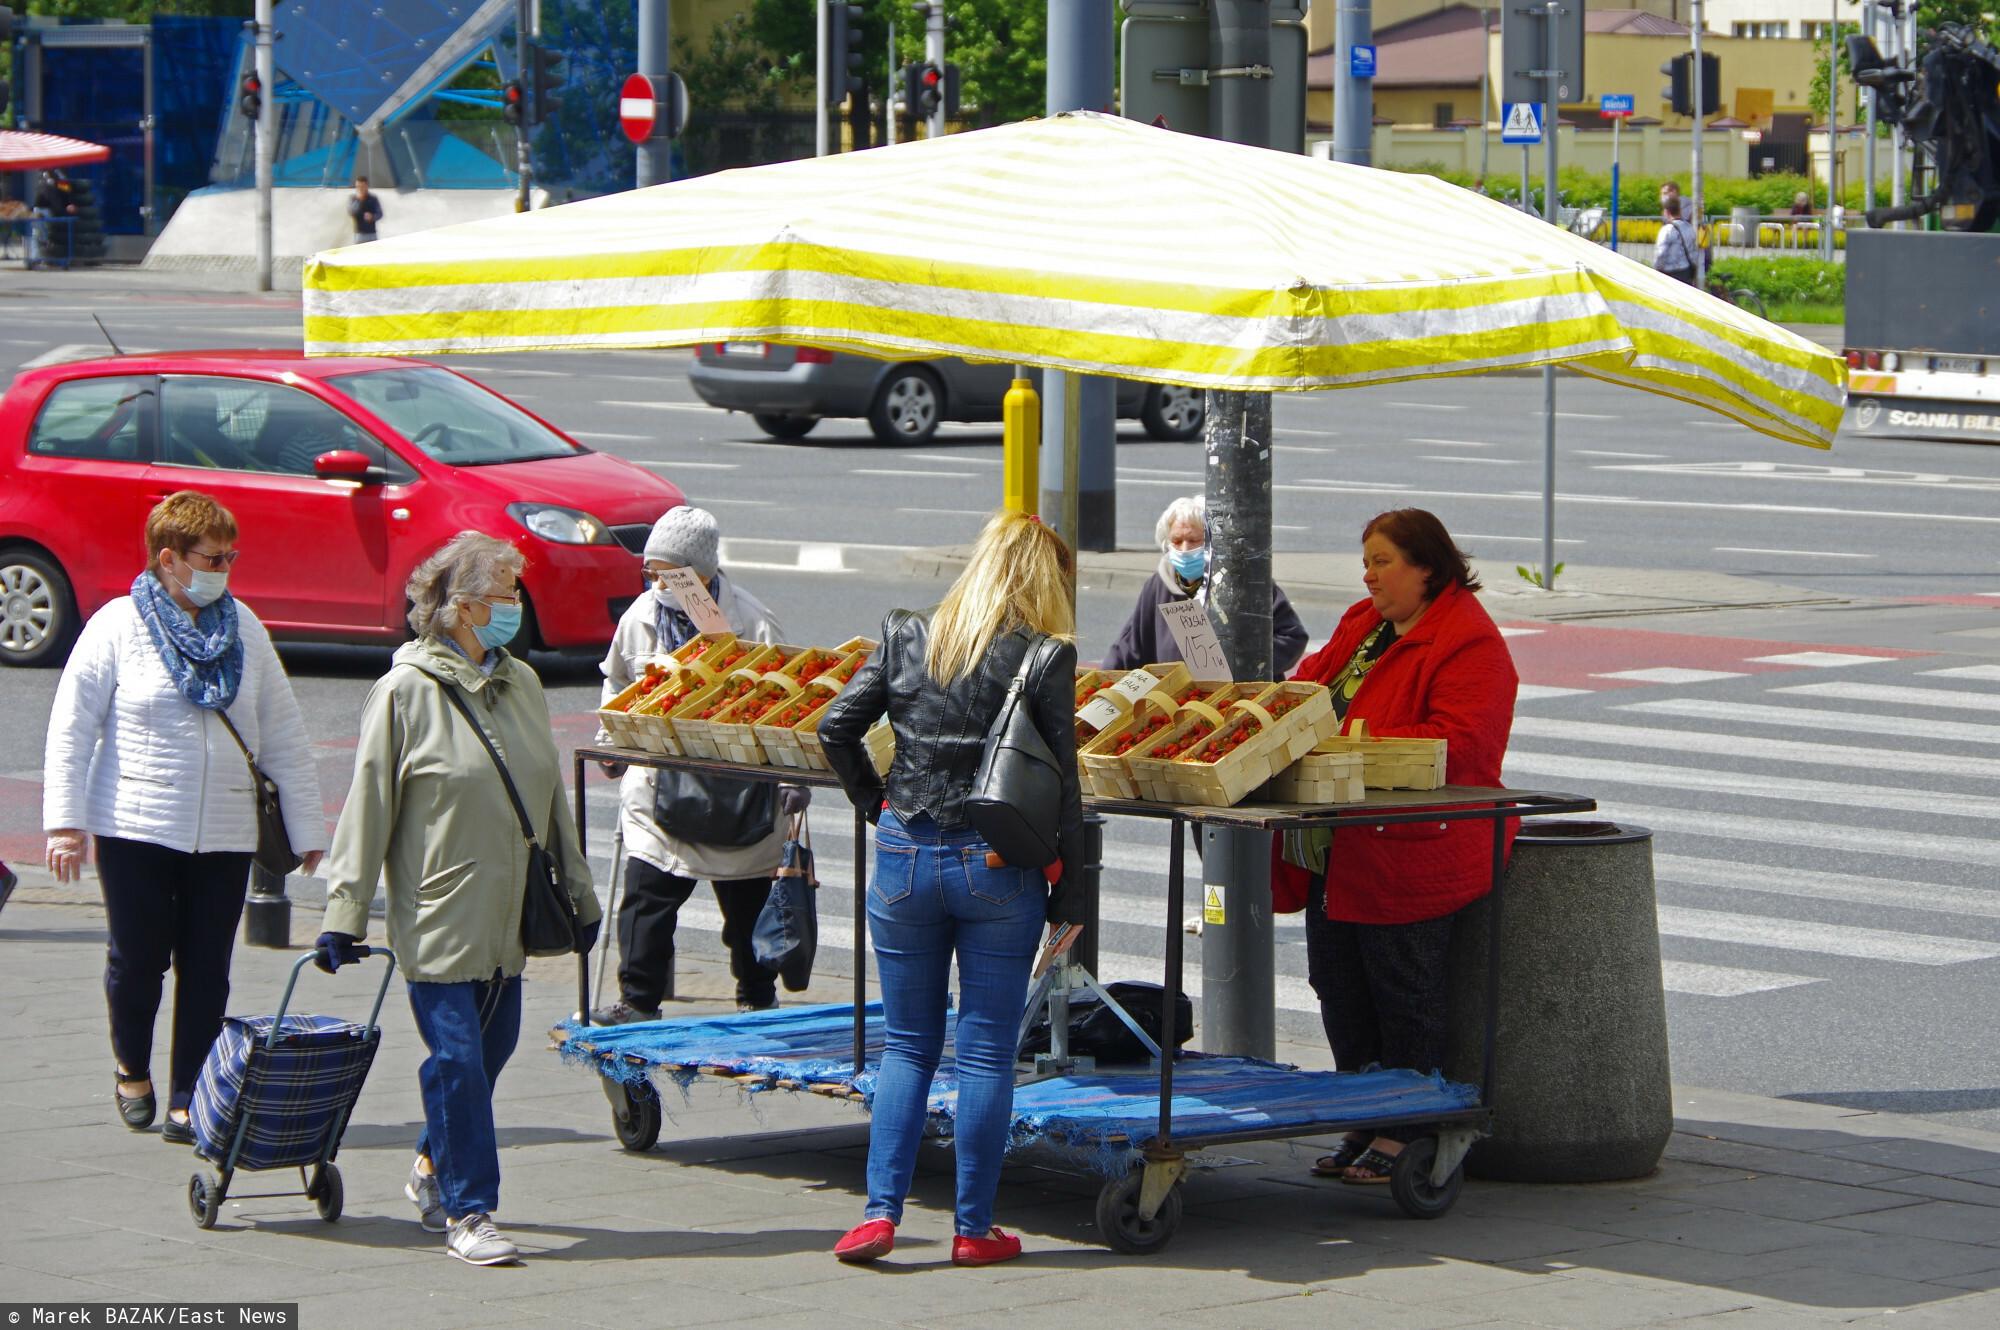 PHOTO: ZOFIA I MAREK BAZAK / EAST NEWS Warszawa Plac Wilenski N/Z Handel uliczny - sprzedaz truskawek